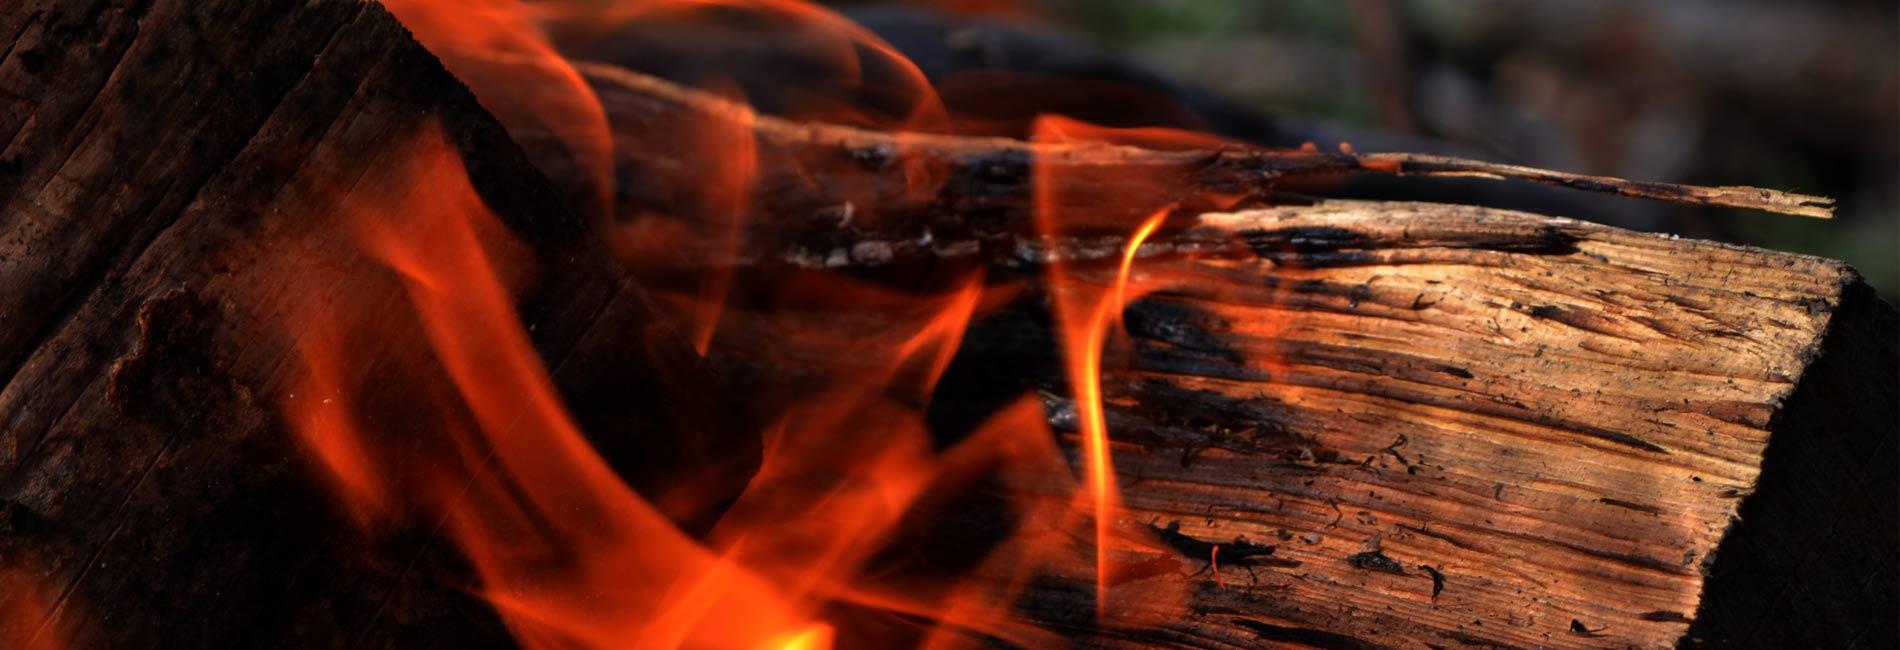 sozialwendfeuer